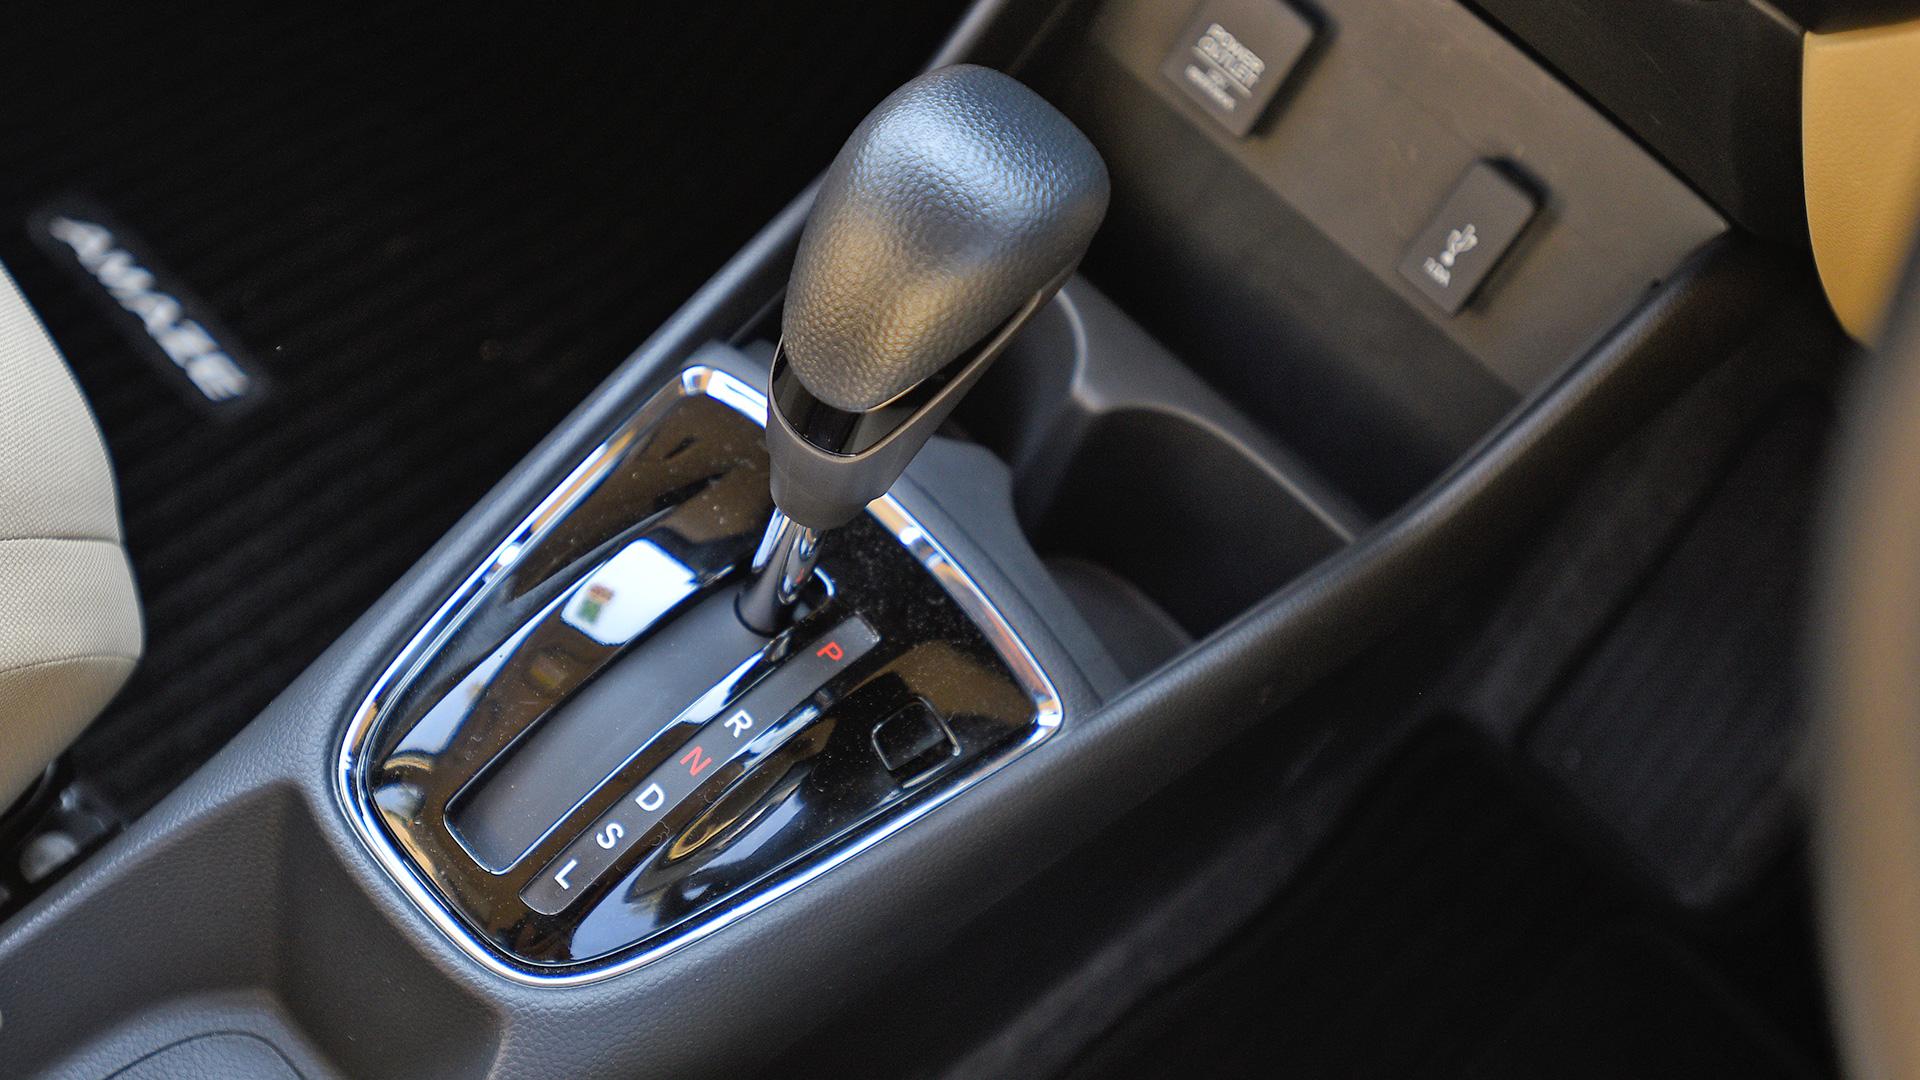 Honda Amaze 2018 V CVT Interior Car Photos - Overdrive